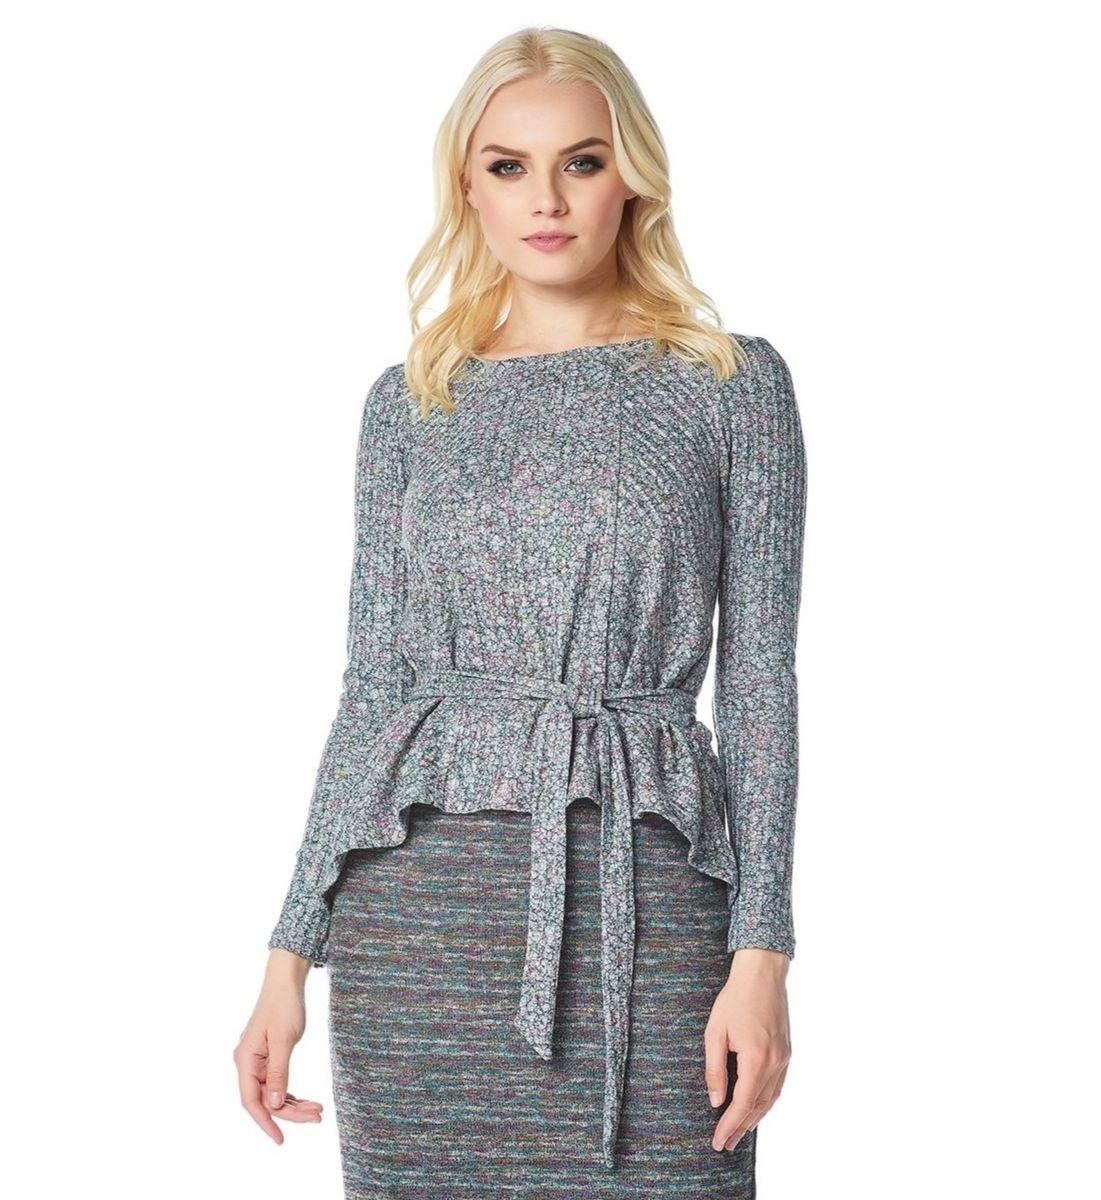 Стильная блузка с поясом Lala Style W02007-286